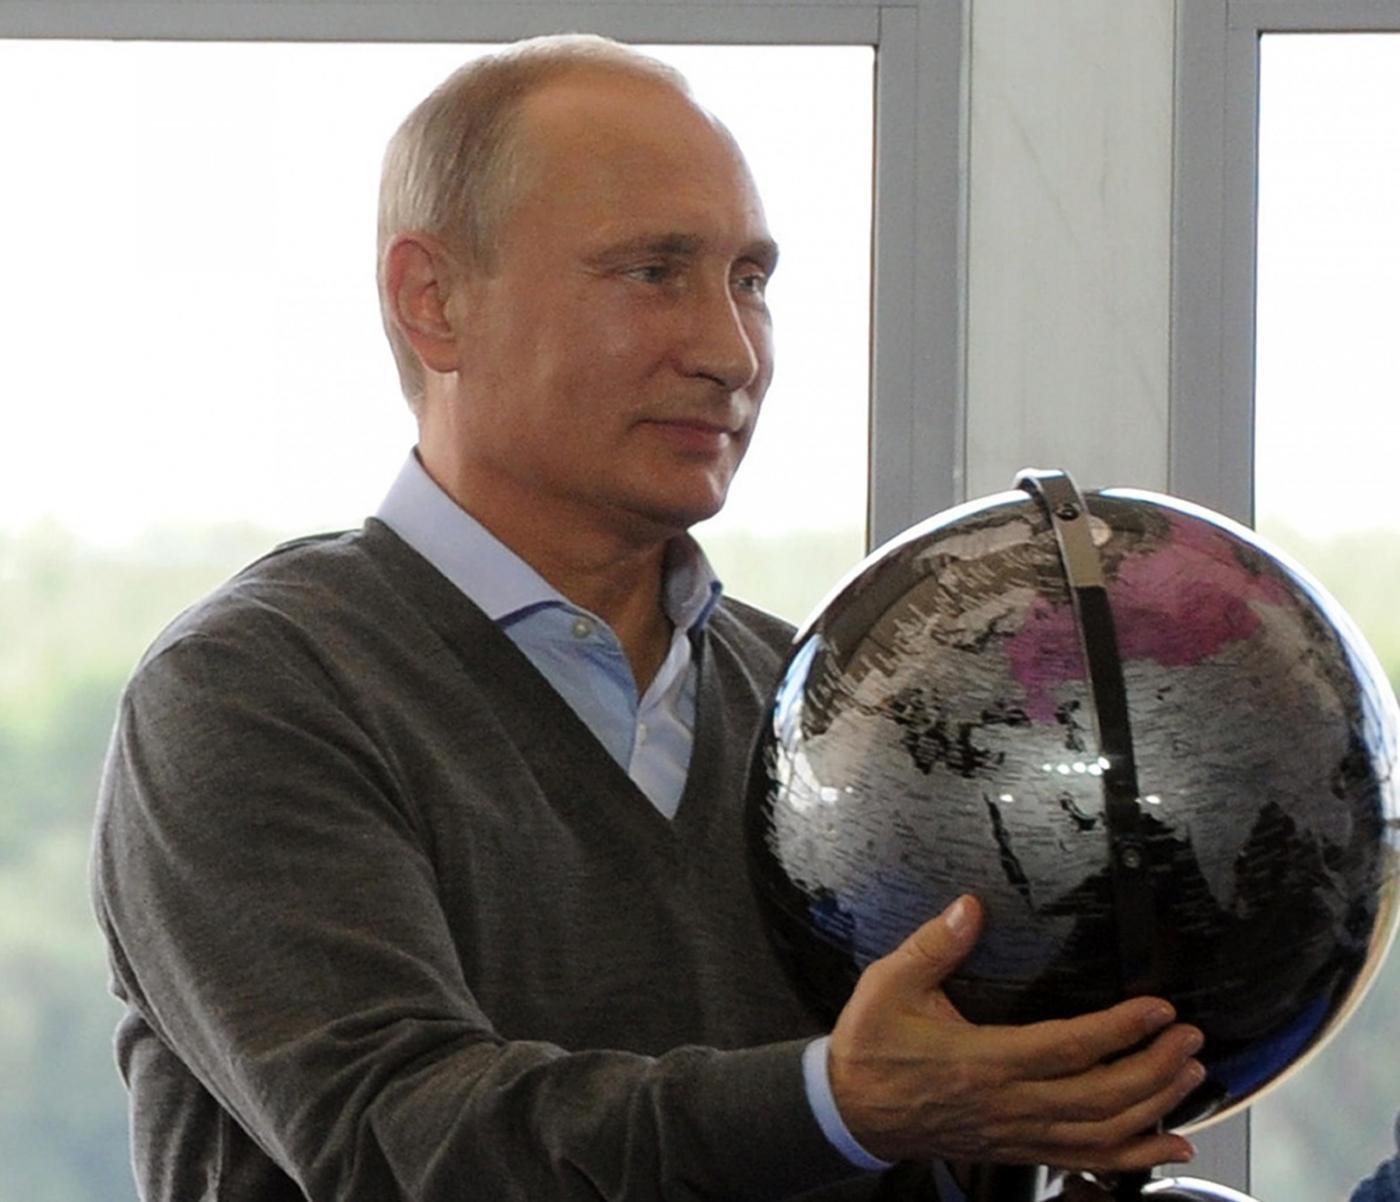 Ucraina, una pax euroasiatica: la via della ragione (e del portafogli)